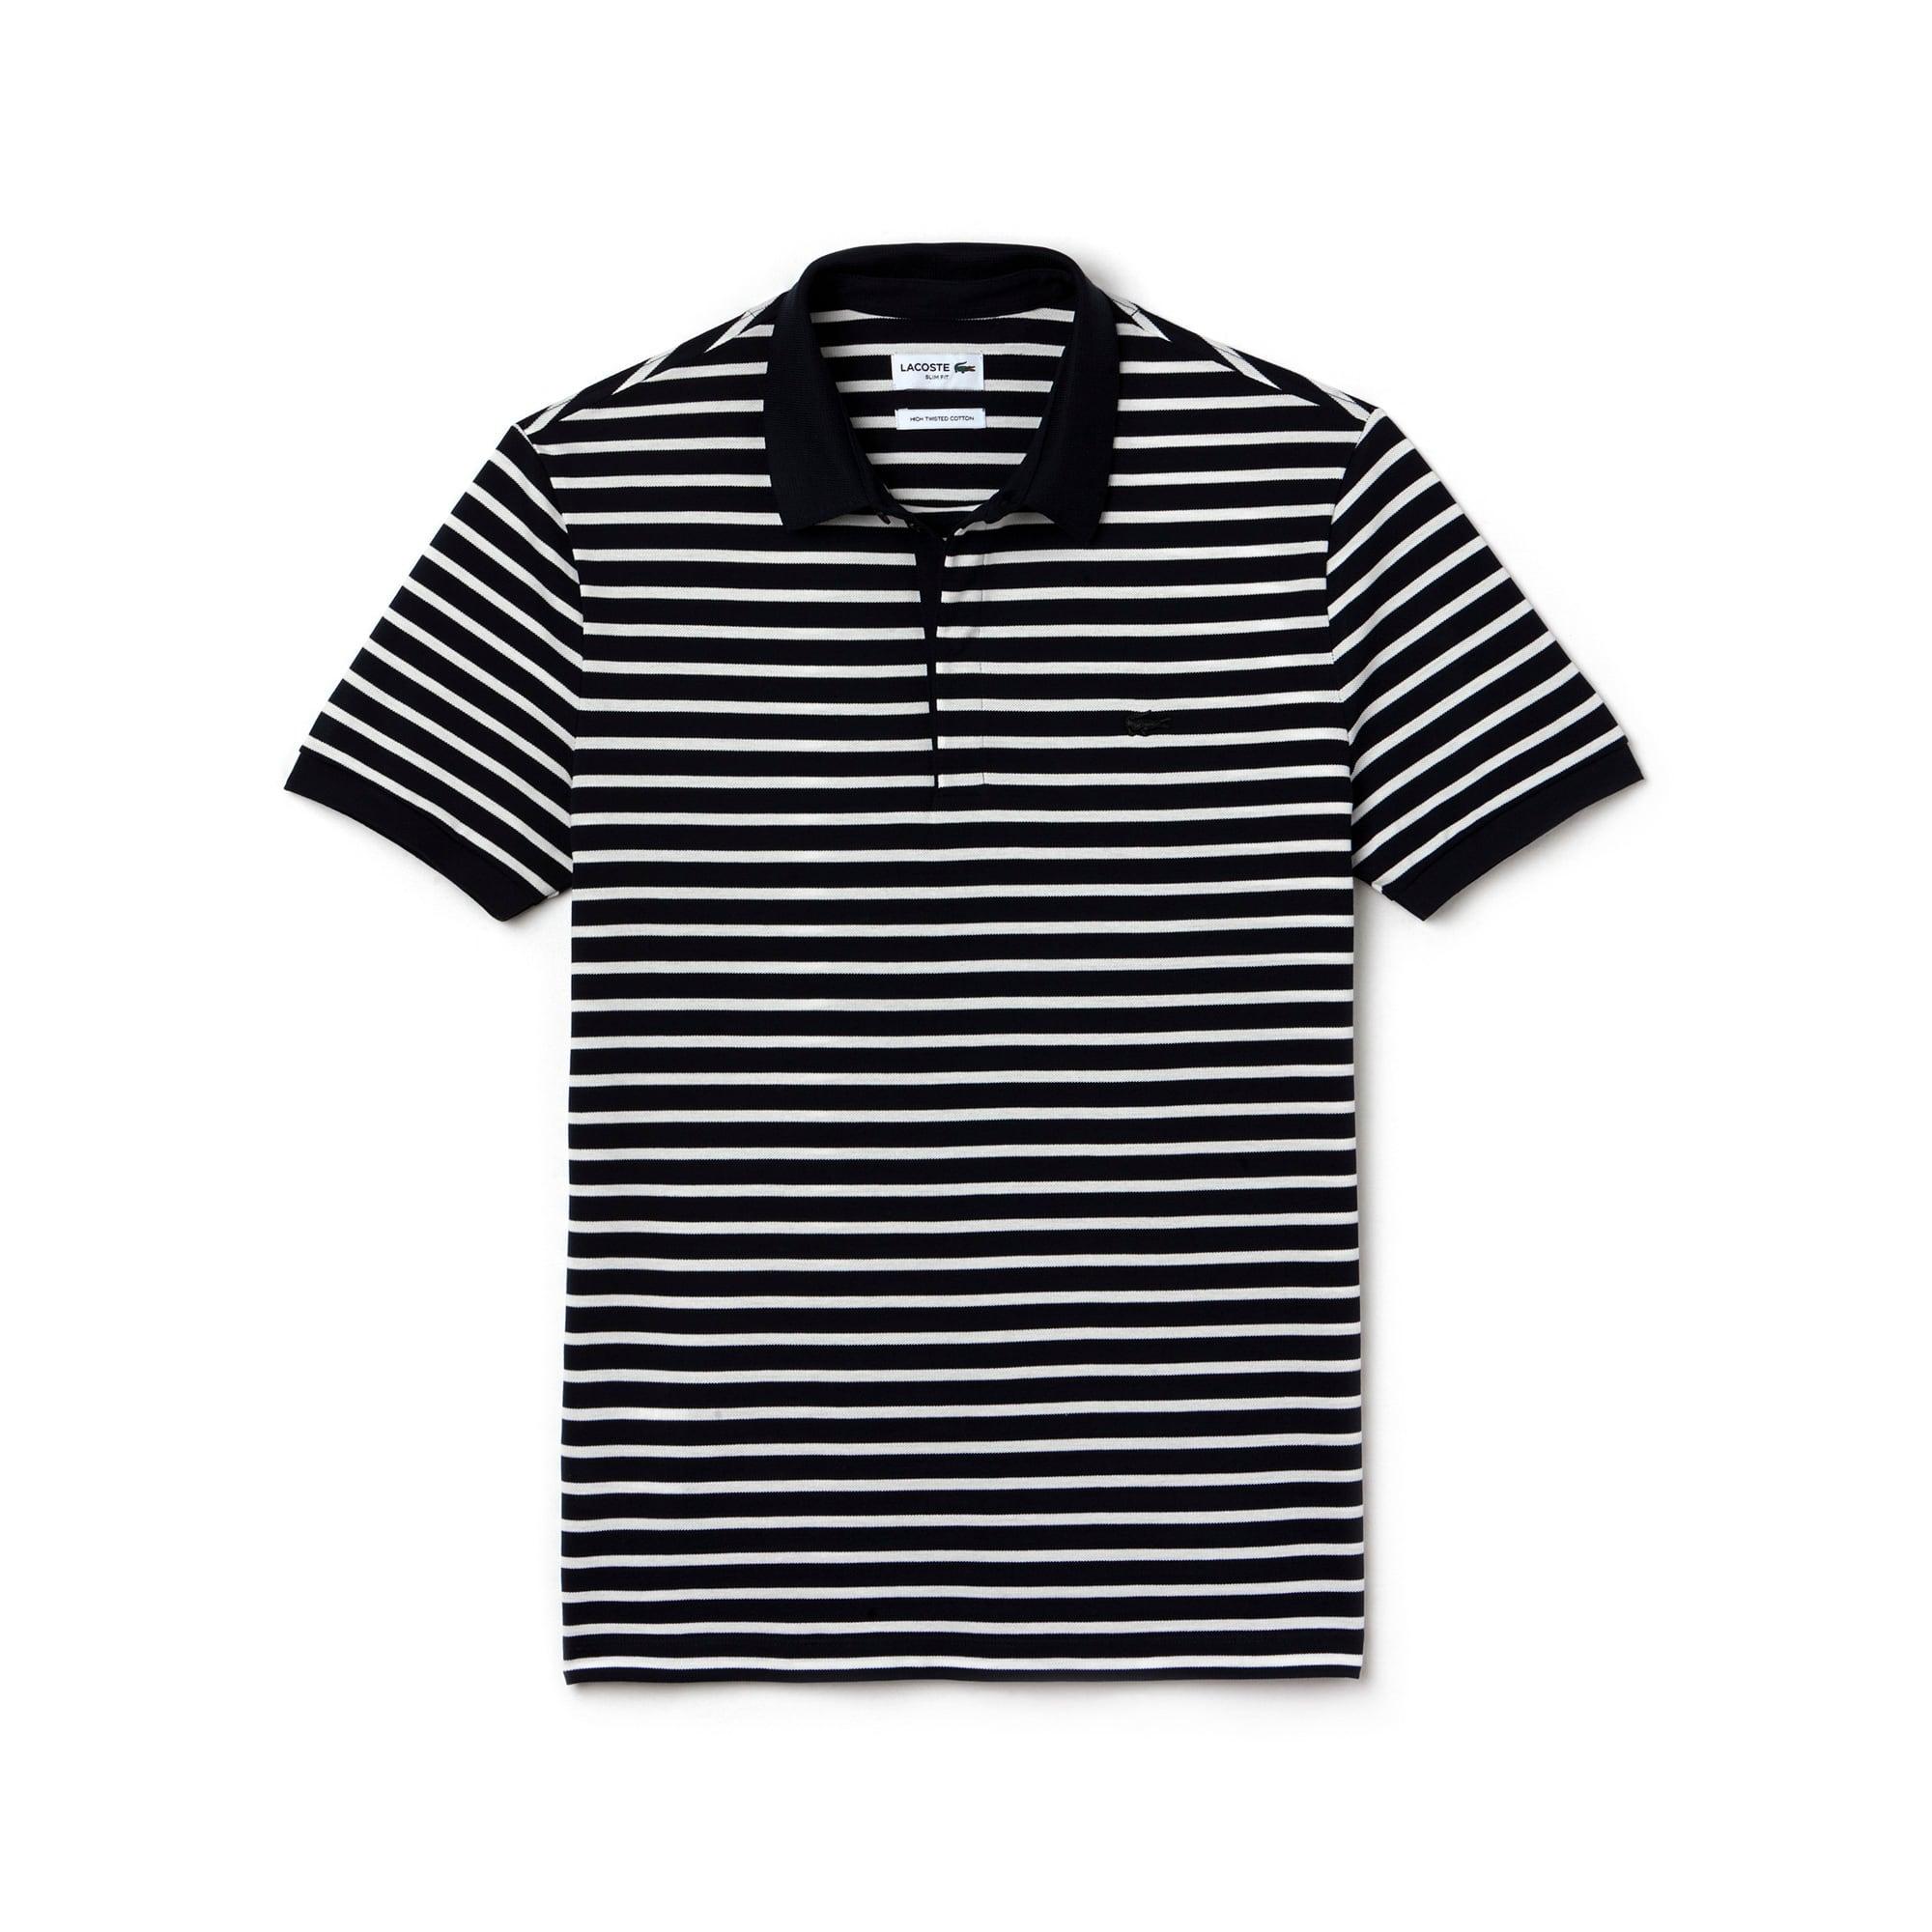 Men's Slim Fit Striped Cotton Petit Piqué Polo Shirt